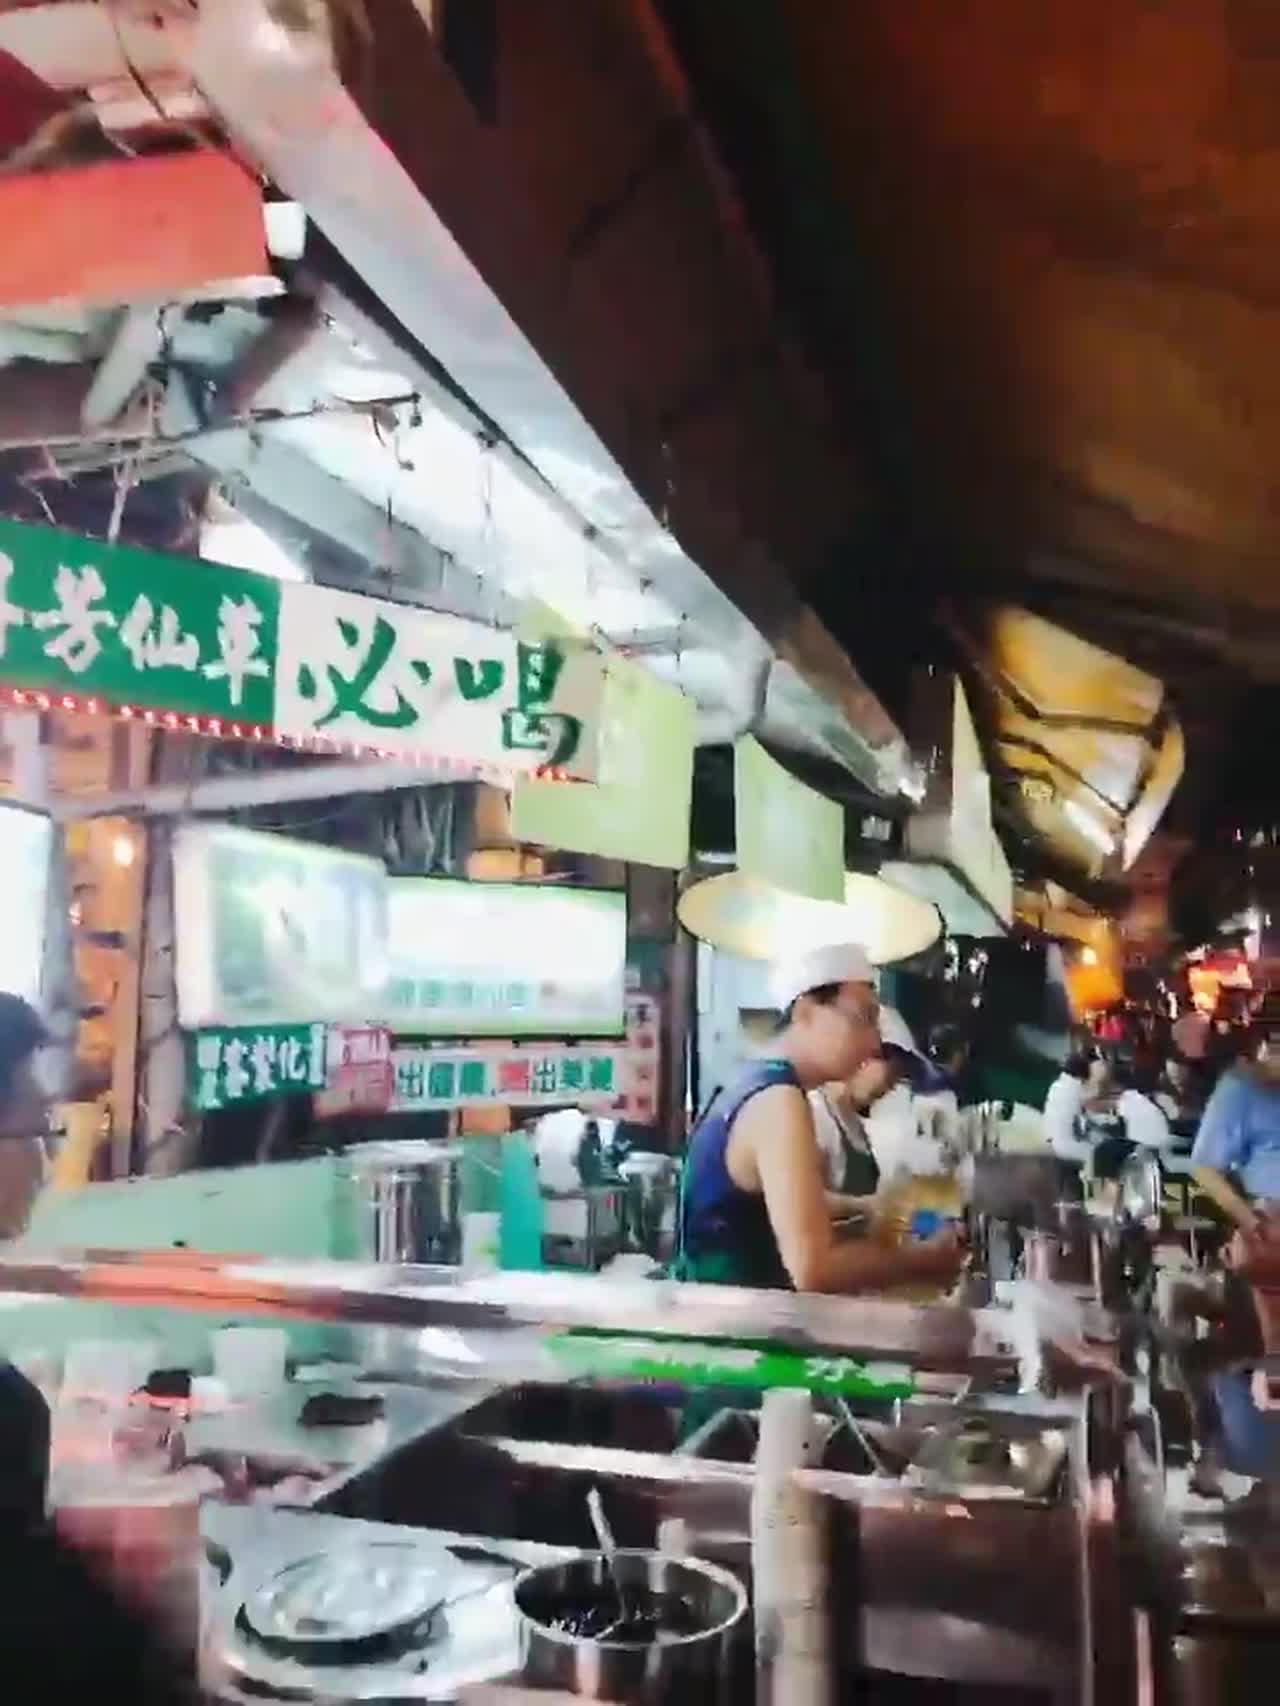 先來喝一杯去油解膩的無糖去冰仙草茶40元~台灣的任何飲料店真的很貼心,一定會問要不要糖冰~但是髮捲女很懶得想,所以都一律說無糖去冰!(所以很容易踩雷)